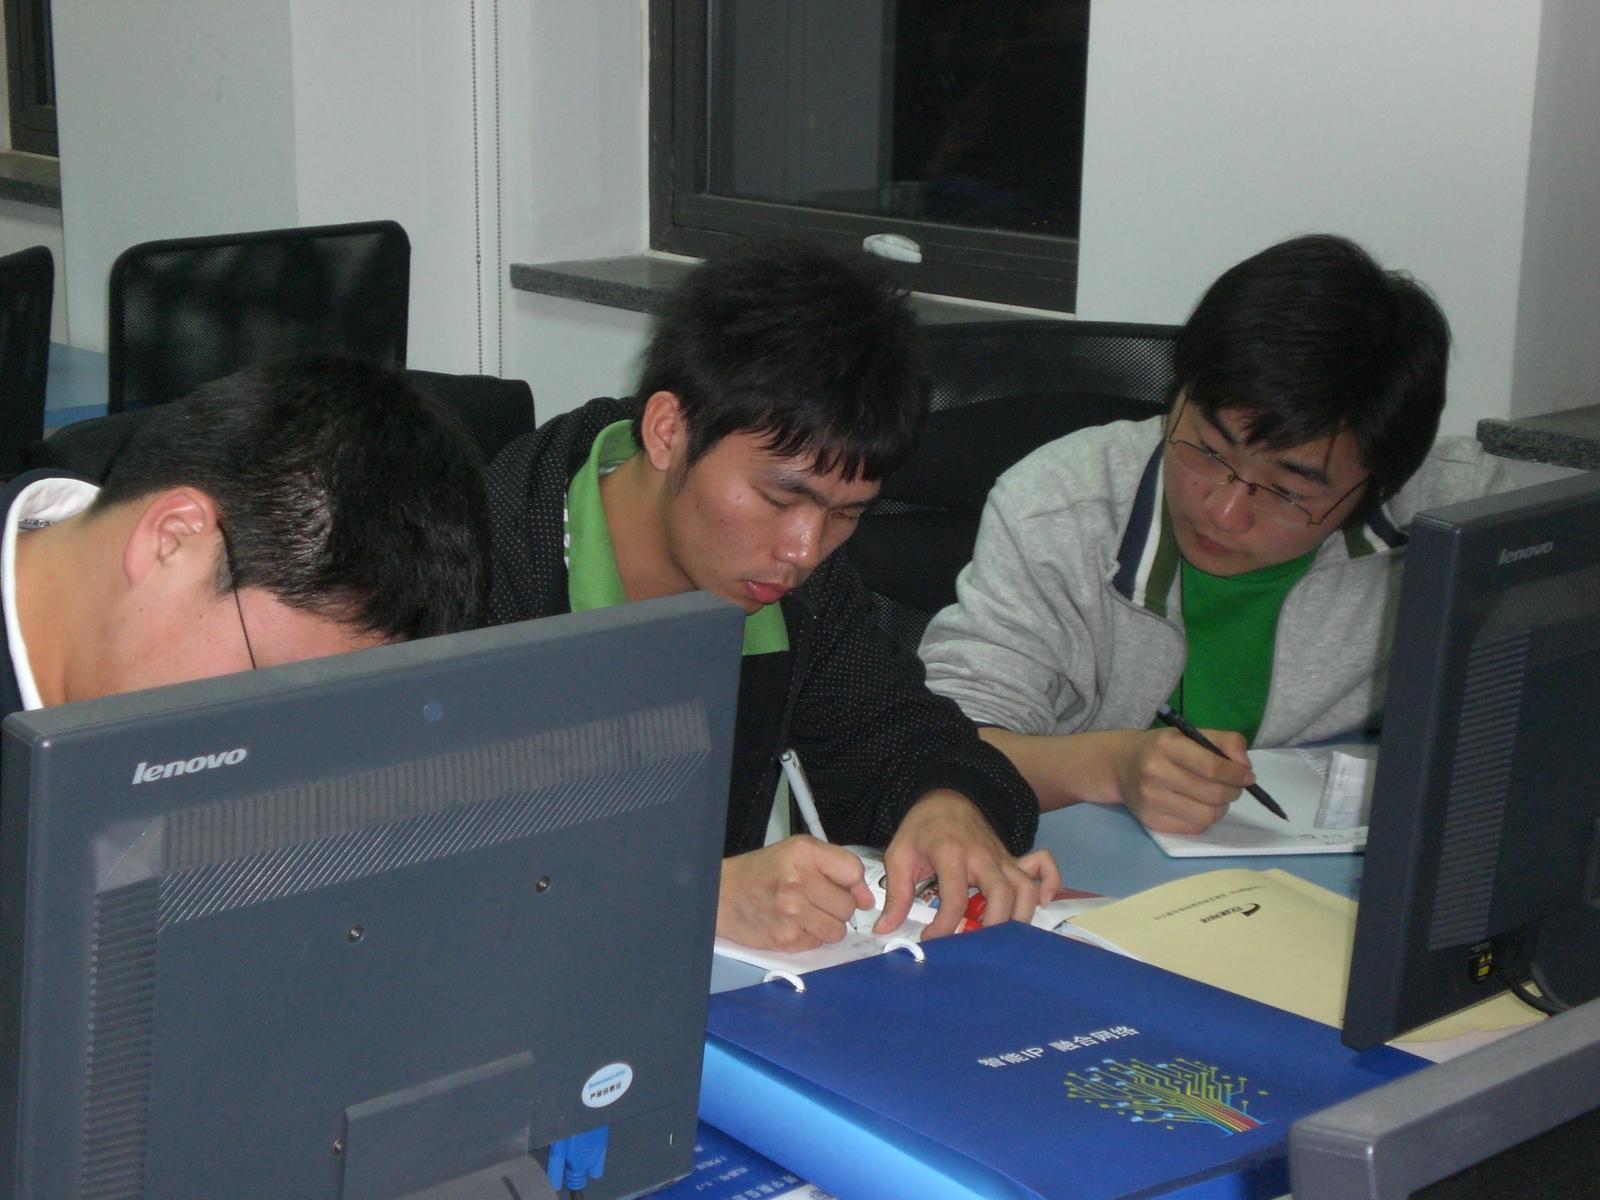 因为本次参加培训的全部是在校的大学生,为了使同学们能更好的理解项目实际操作的流程,根据自己的工作职责,体会每个环节自己工作重点。4月22号晚上,特意安排了一场客户需求探寻模拟演练。 首先,给每个小组都分配了具体的项目,并针对项目不同,给大家介绍了此项目涉及到的客户关系图。 营员们摇身一变成为了一个职业人,有人选择销售工程师,有人选择售前工程师,有人选择项目经理。根据客户关系图明确的项目决策链,从而制定拜访方案,预约客户、实际拜访客户、及时根据拜访情况调整方案,和客户实际沟通探寻客户具体项目需求,营员们个